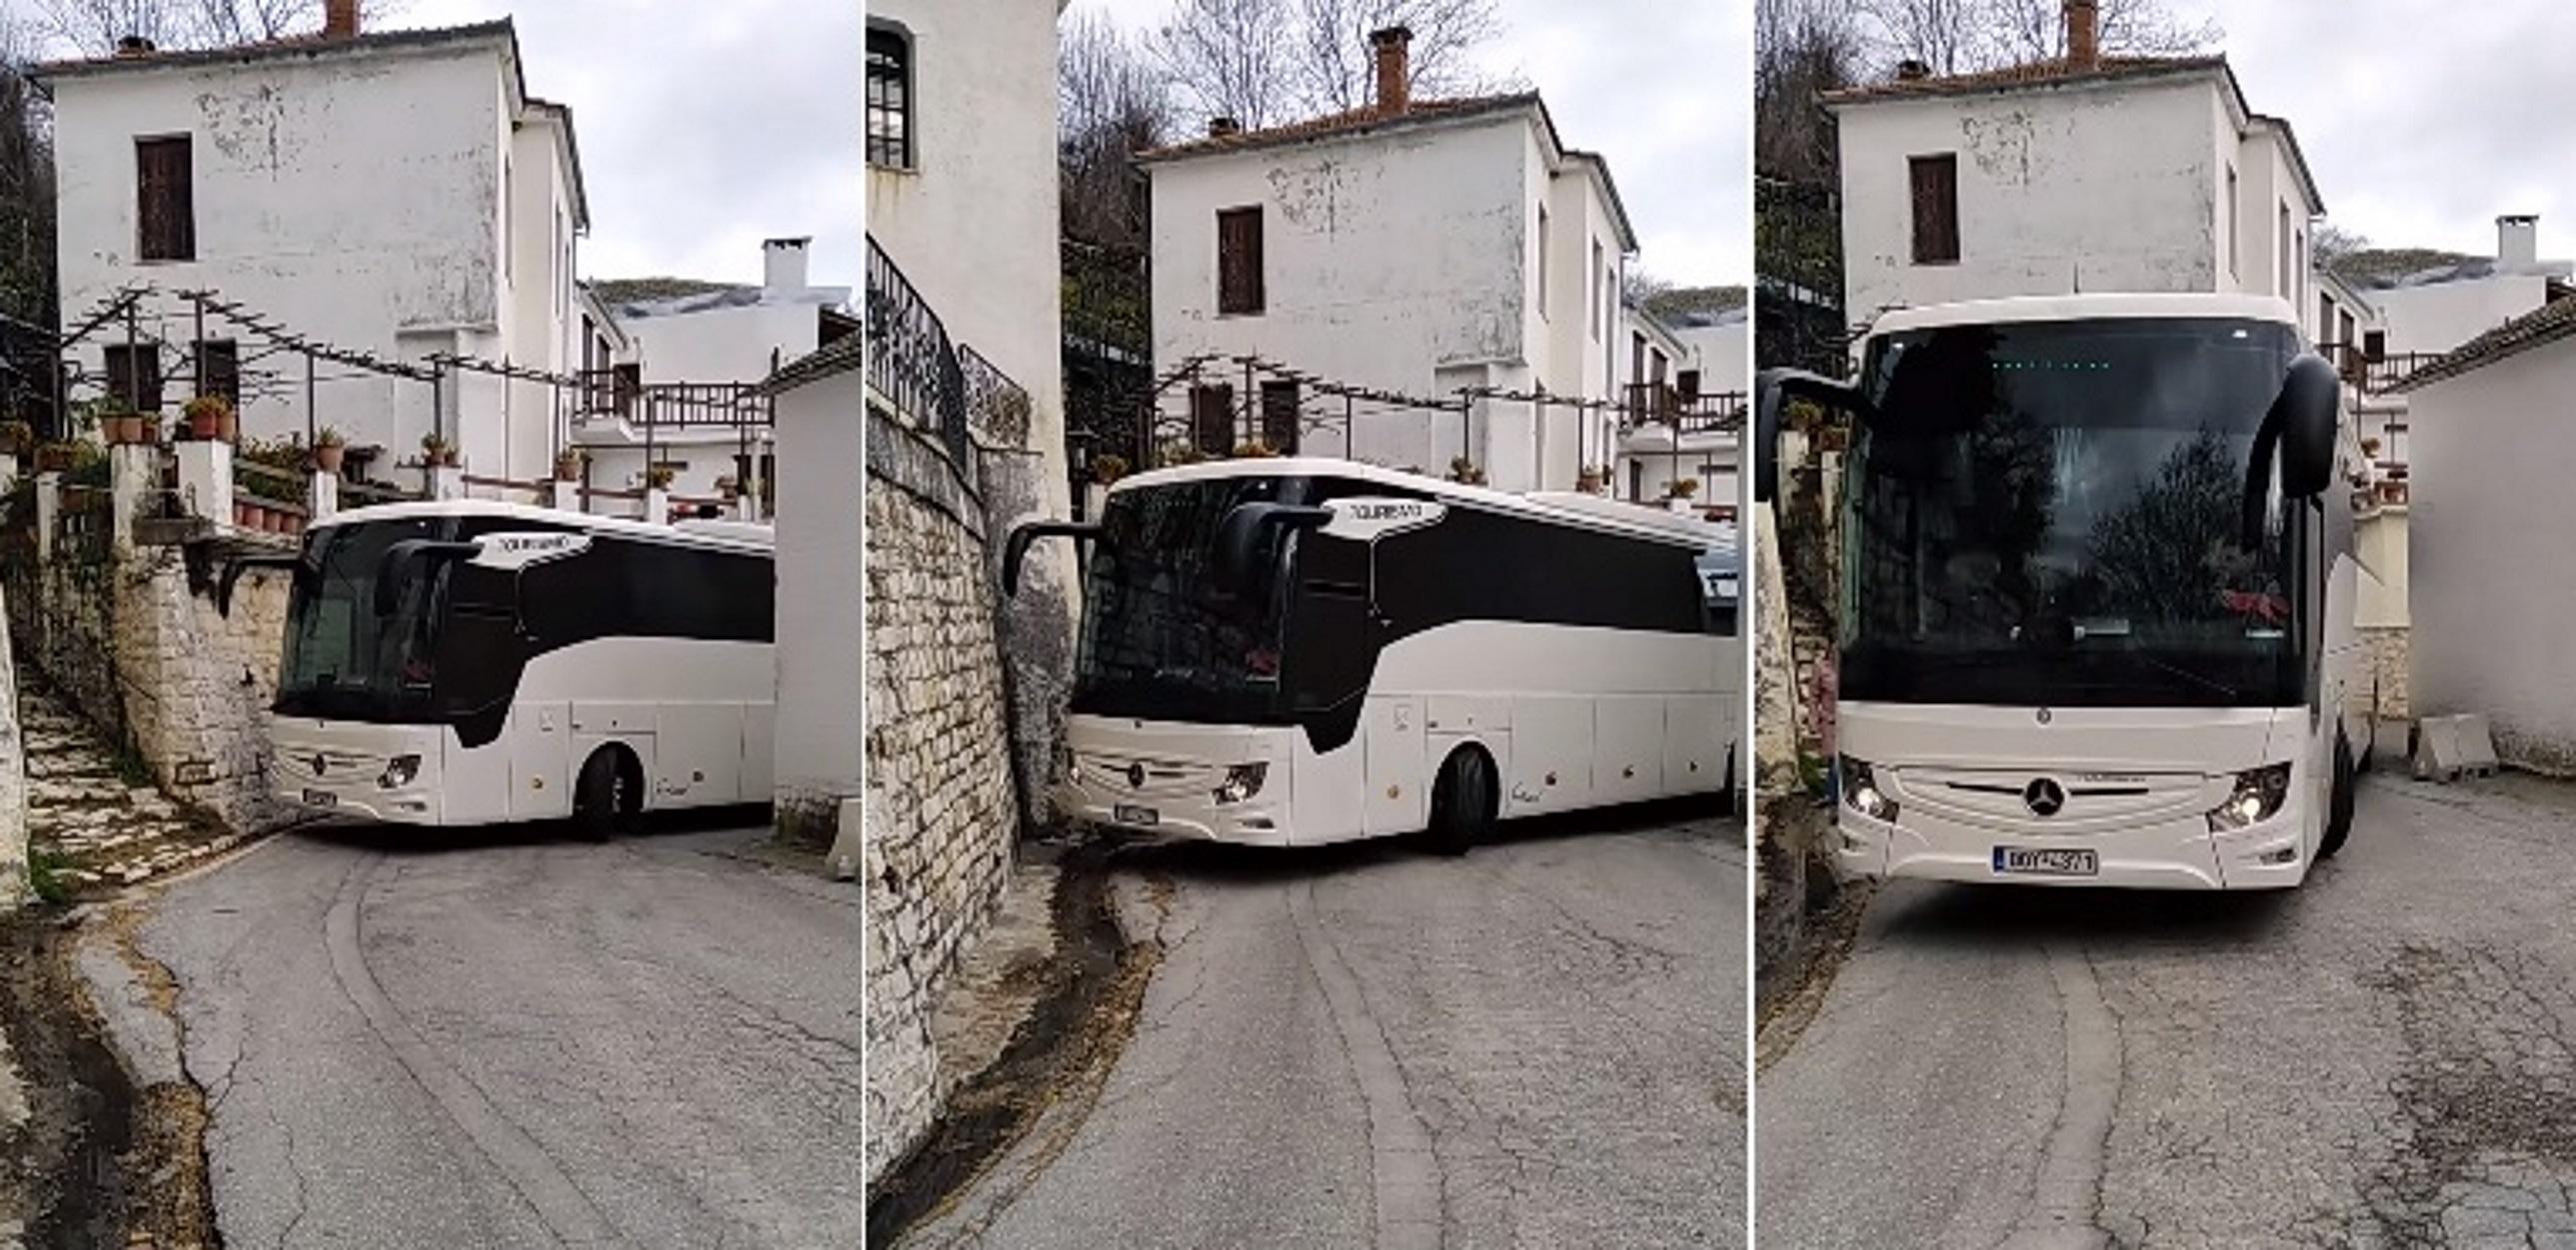 """""""Τσακάλι"""" οδηγός ΚΤΕΛ! Περνάει με λεωφορείο ξυστά από τα σπίτια με ακρίβεια χιλιοστού [pics, video]"""